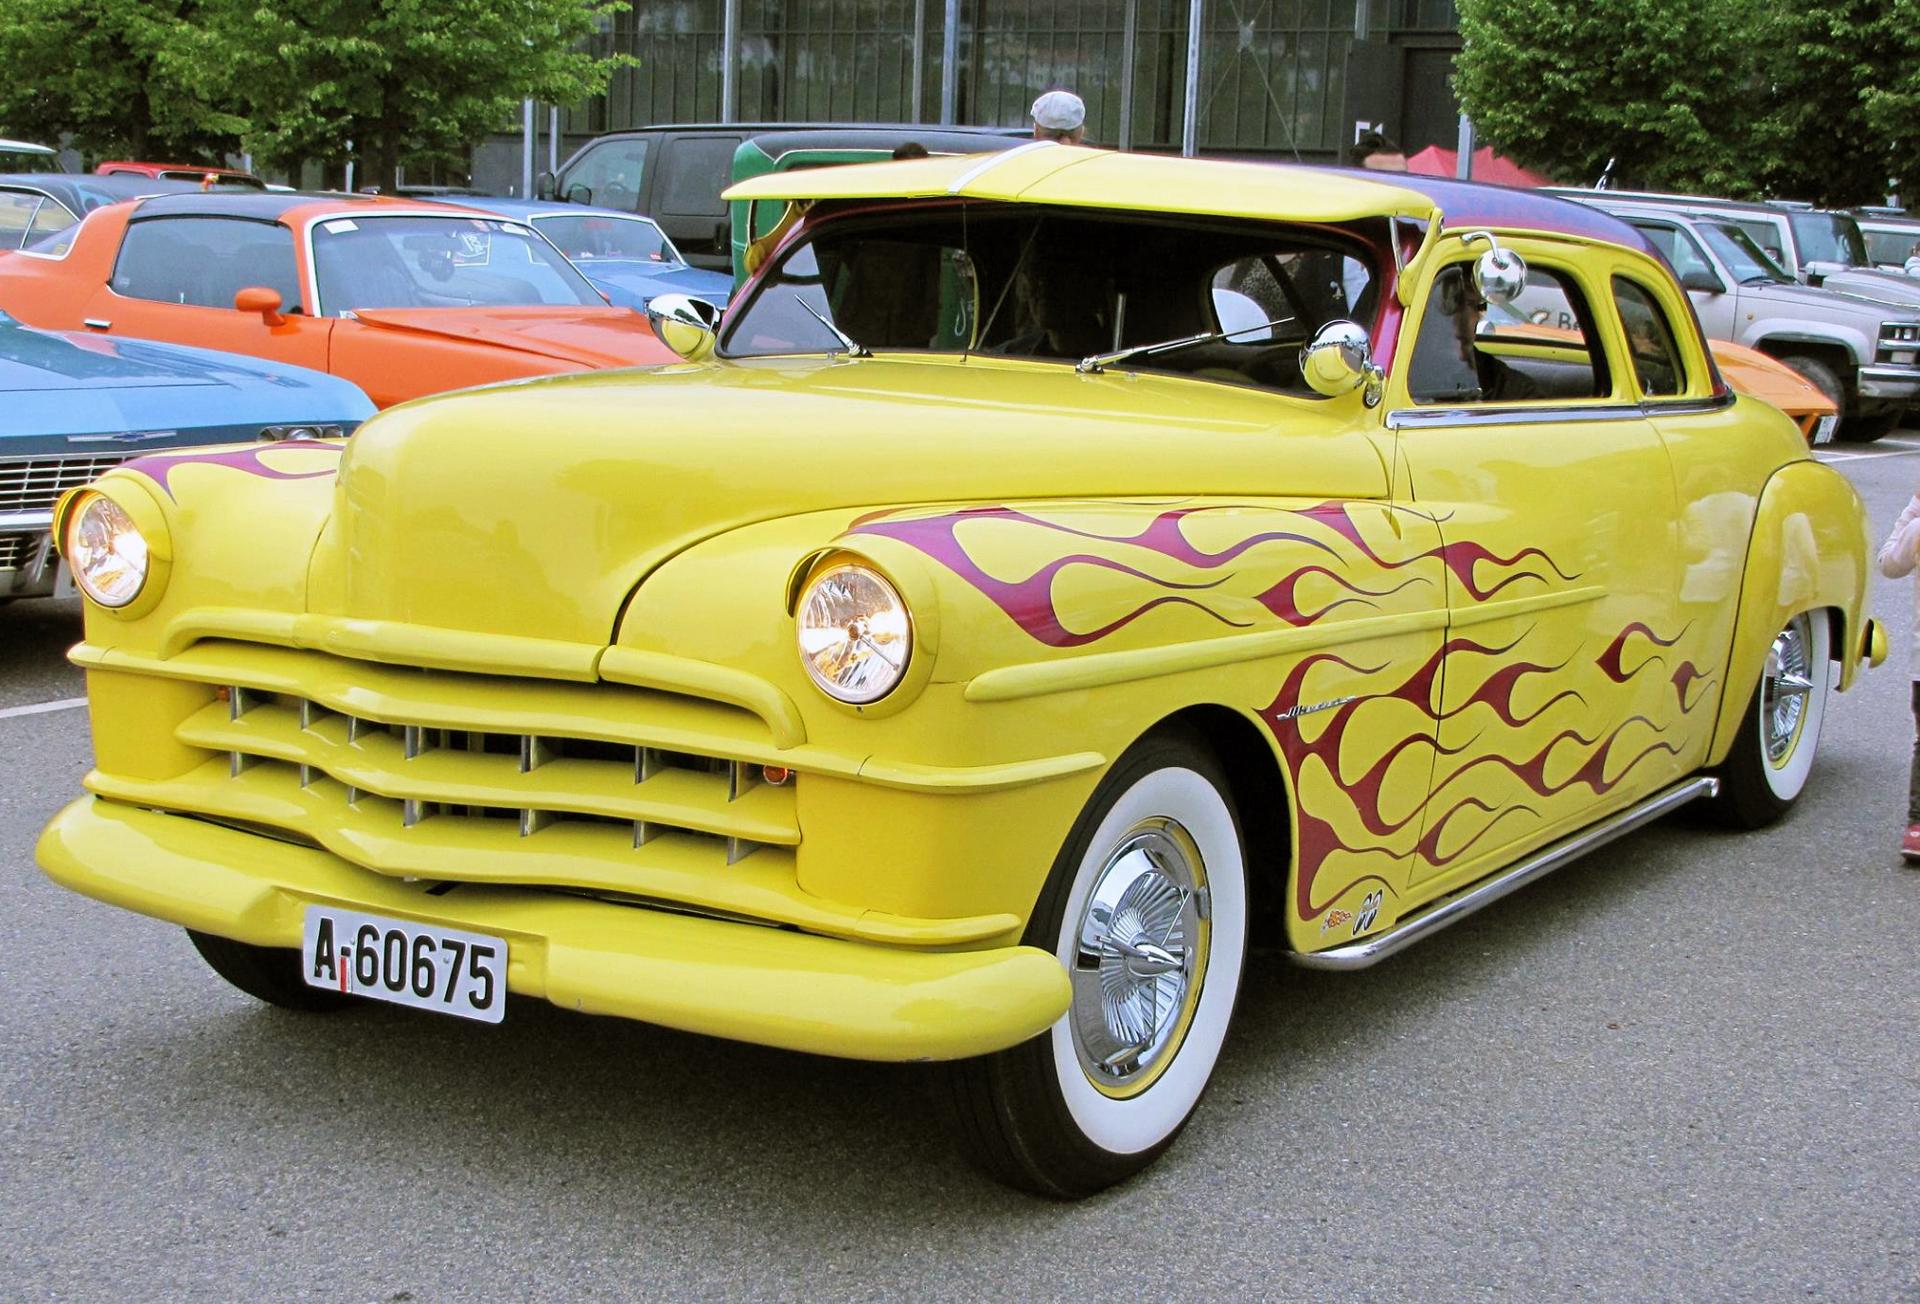 008-1950 Chrysler Windsor coupe 02, Eier, 008 Mort